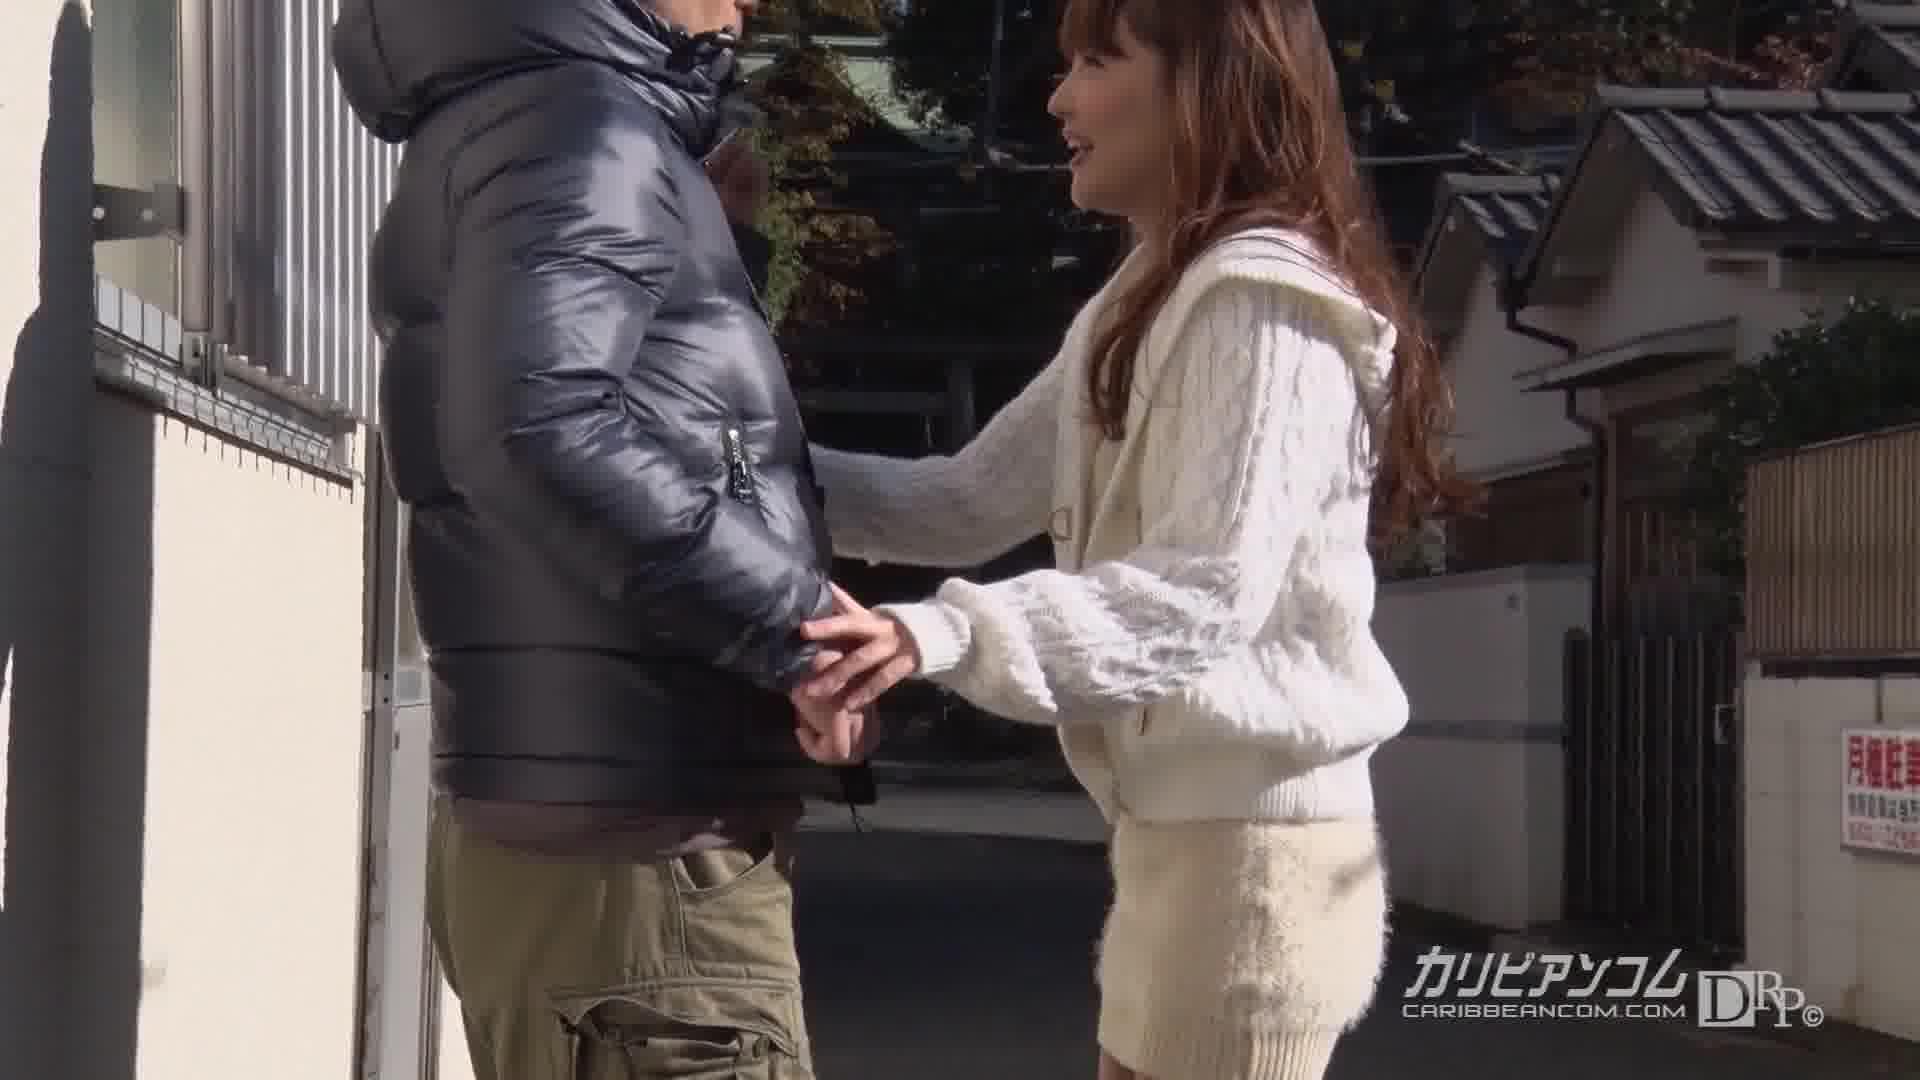 素人男性とセックス生中継 - 本多なるみ【微乳・スレンダー・中出し】